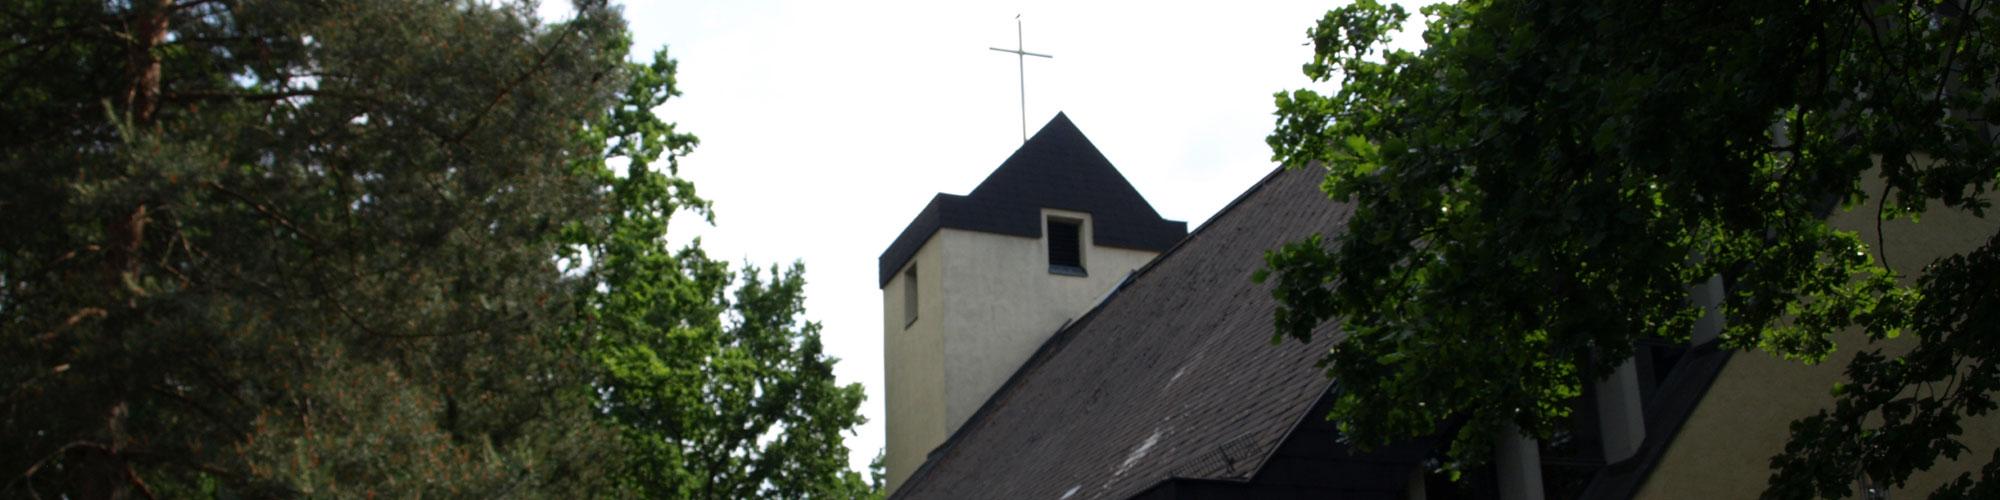 schwebheim_slider